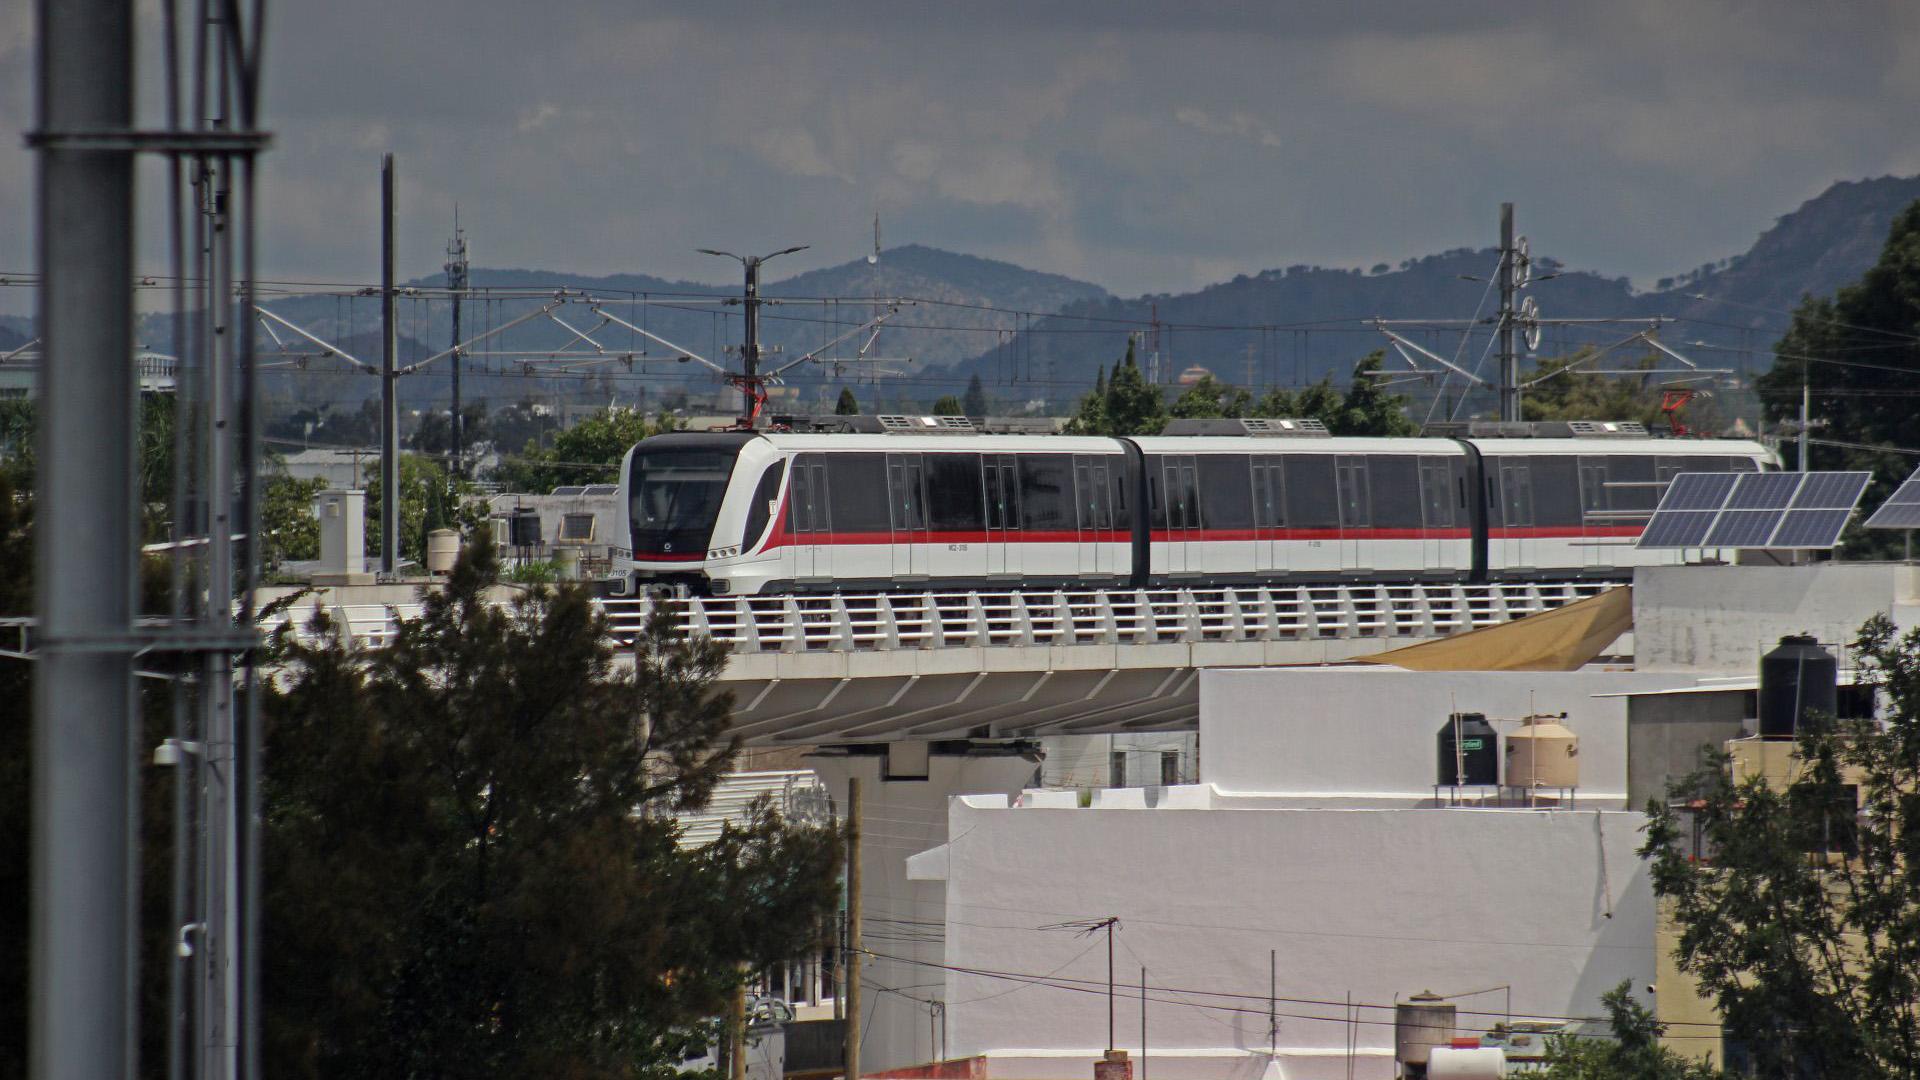 Vista general del tren ligero en operaciones durante el recorrido para medios de comunicación por las instalaciones del Sistema de Tren Eléctrico Urbano (SITEUR) de la Línea 3 (Foto: Cuartoscuro)